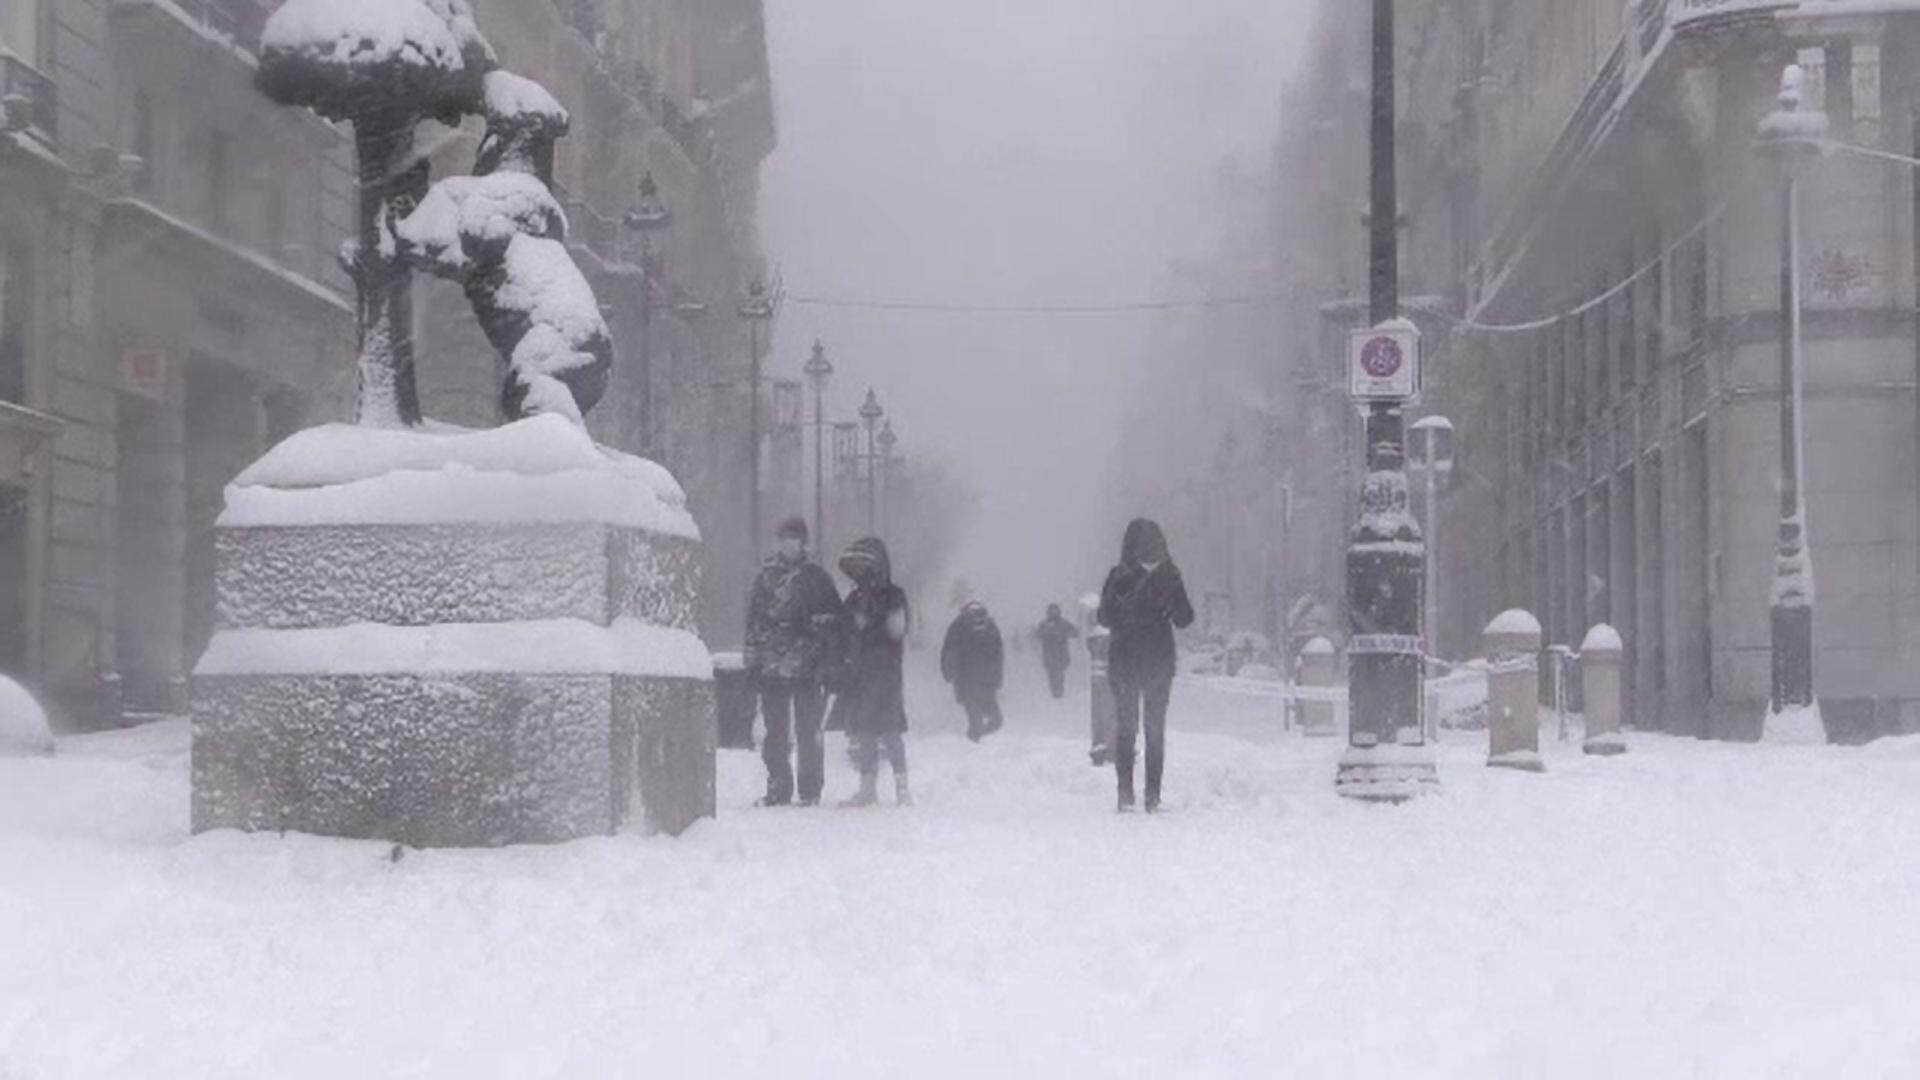 Cantităţi istorice de zăpadă în Spania. Jumătate din țară este sub cod roșu de alertă pentru noi ninsori